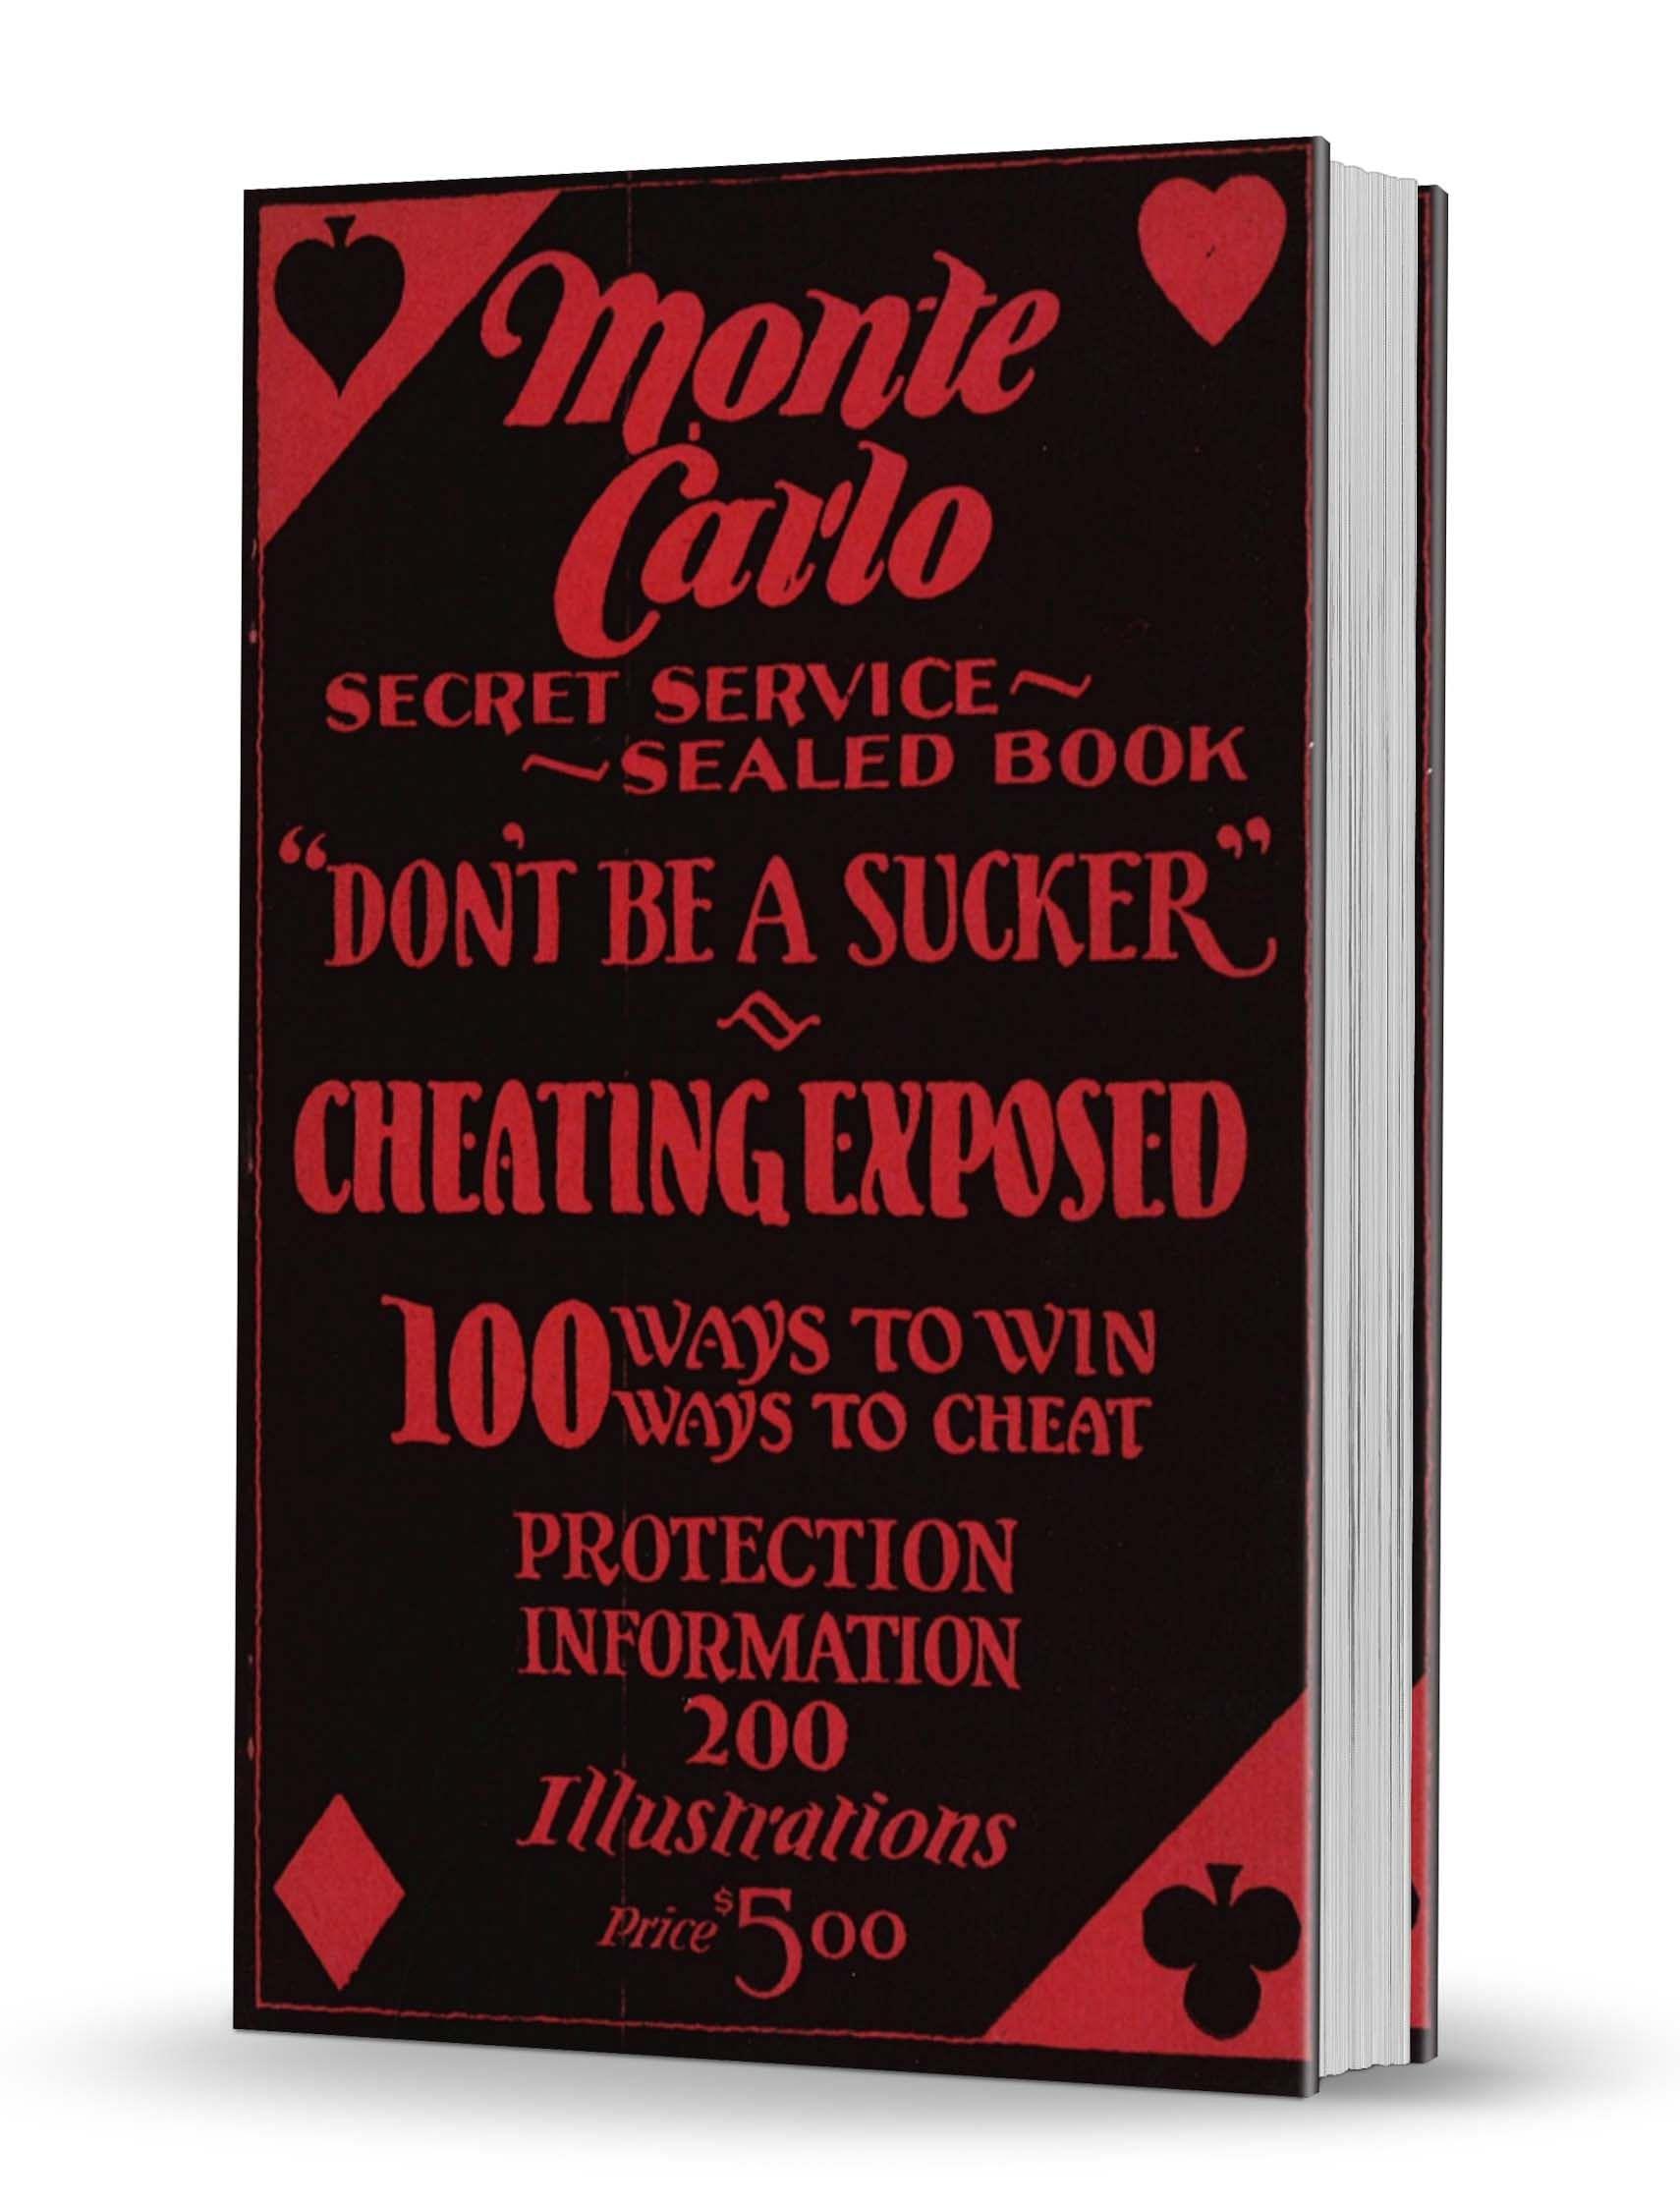 Monte Carlo Secret Service - magic